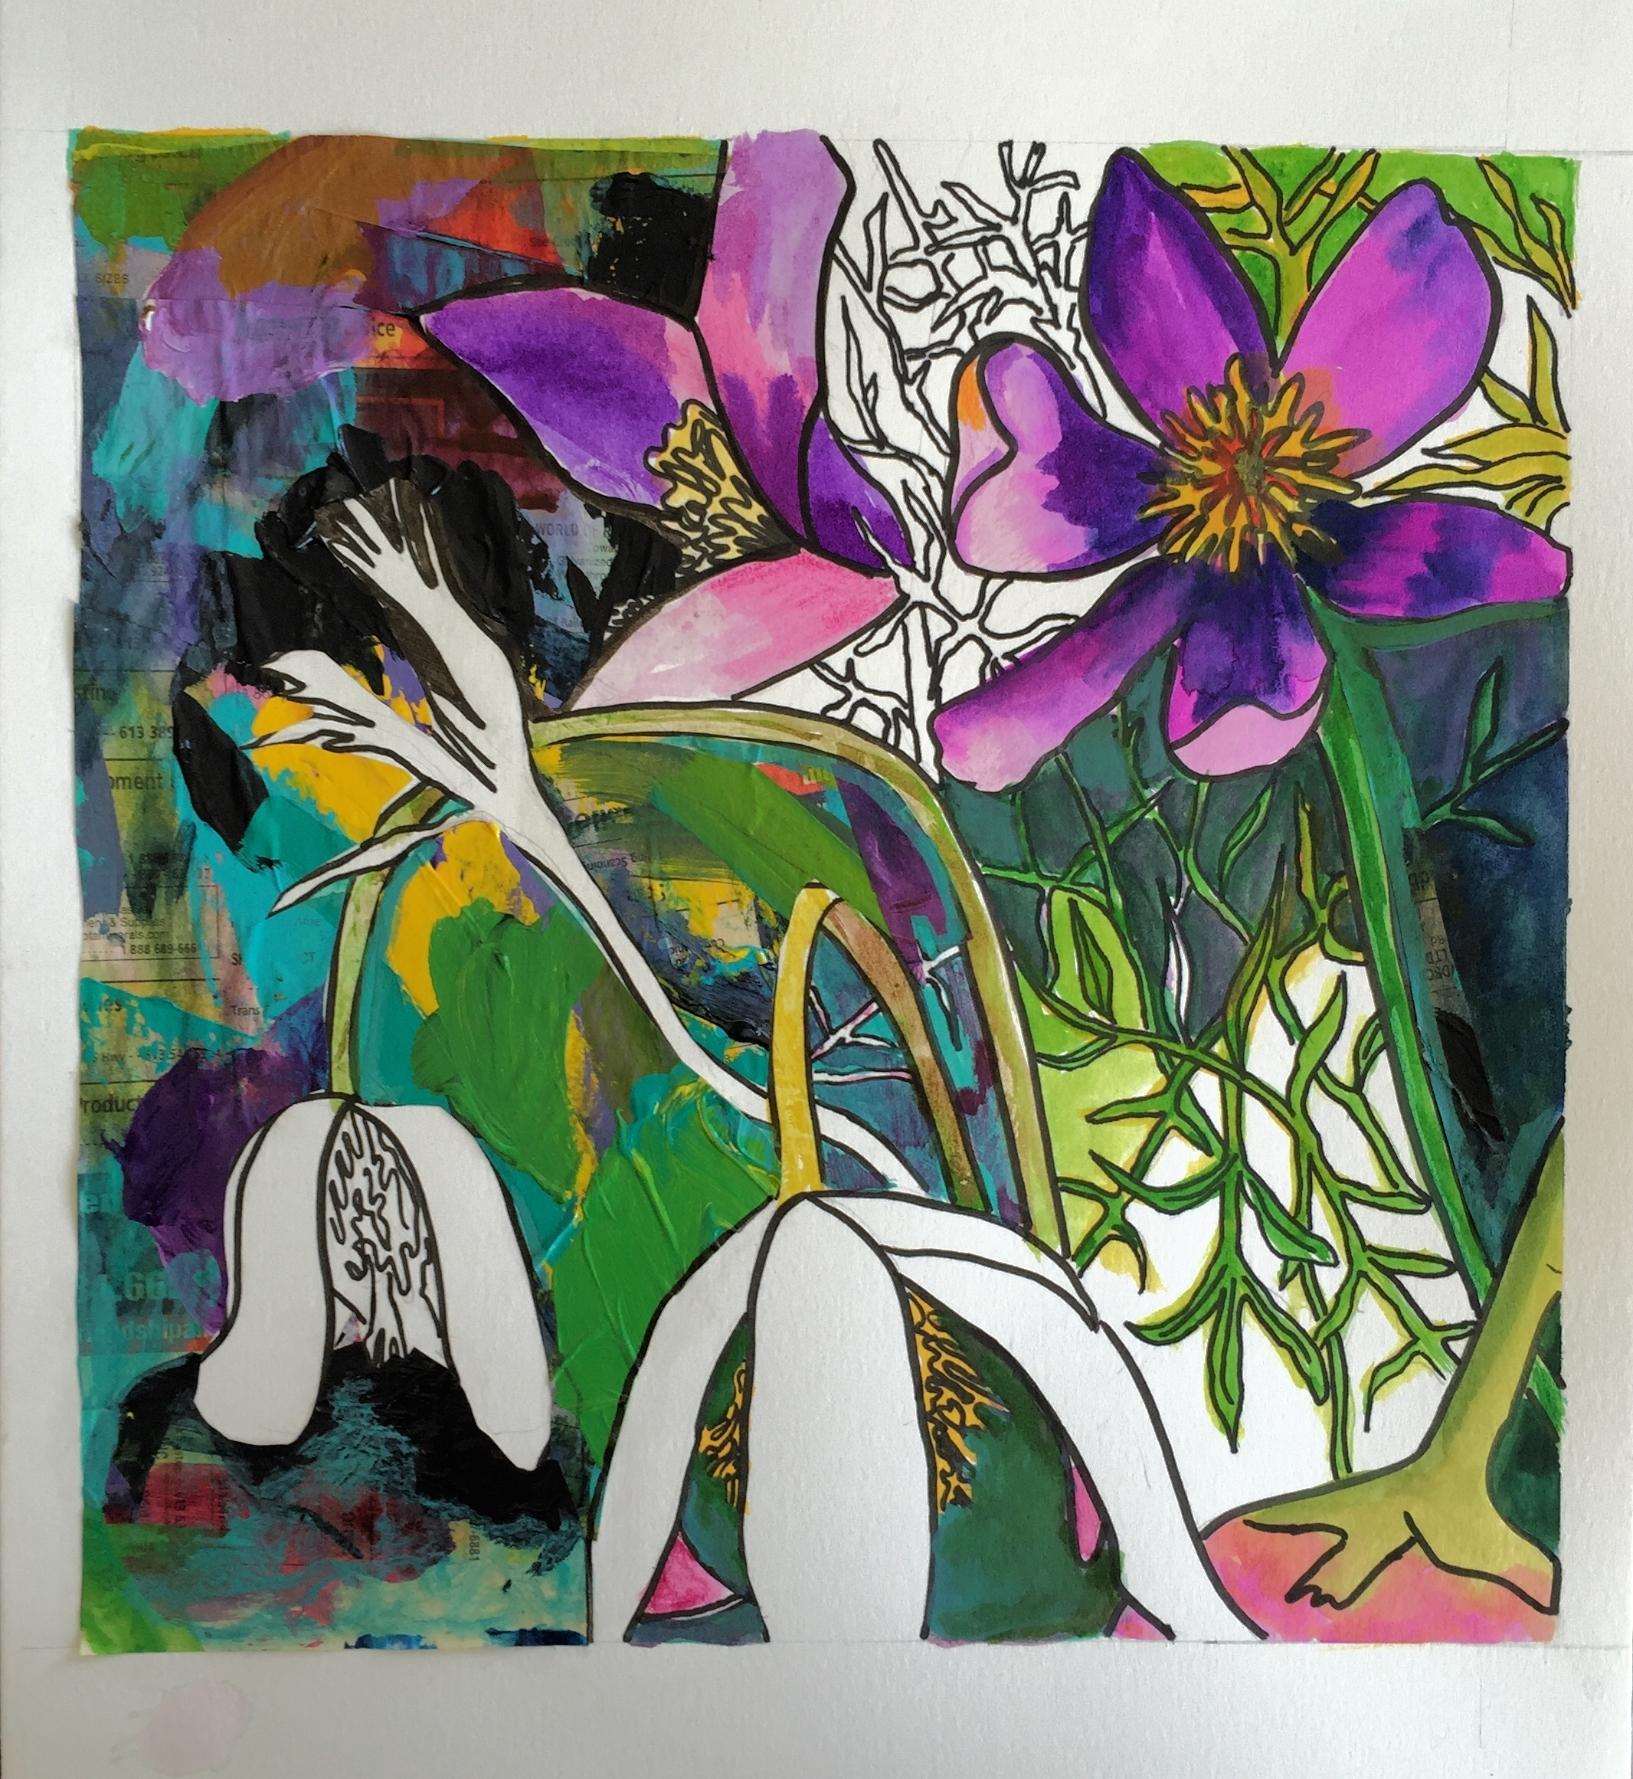 W.I.P. Anemone Allure by J. Gazo-McKim ©2015